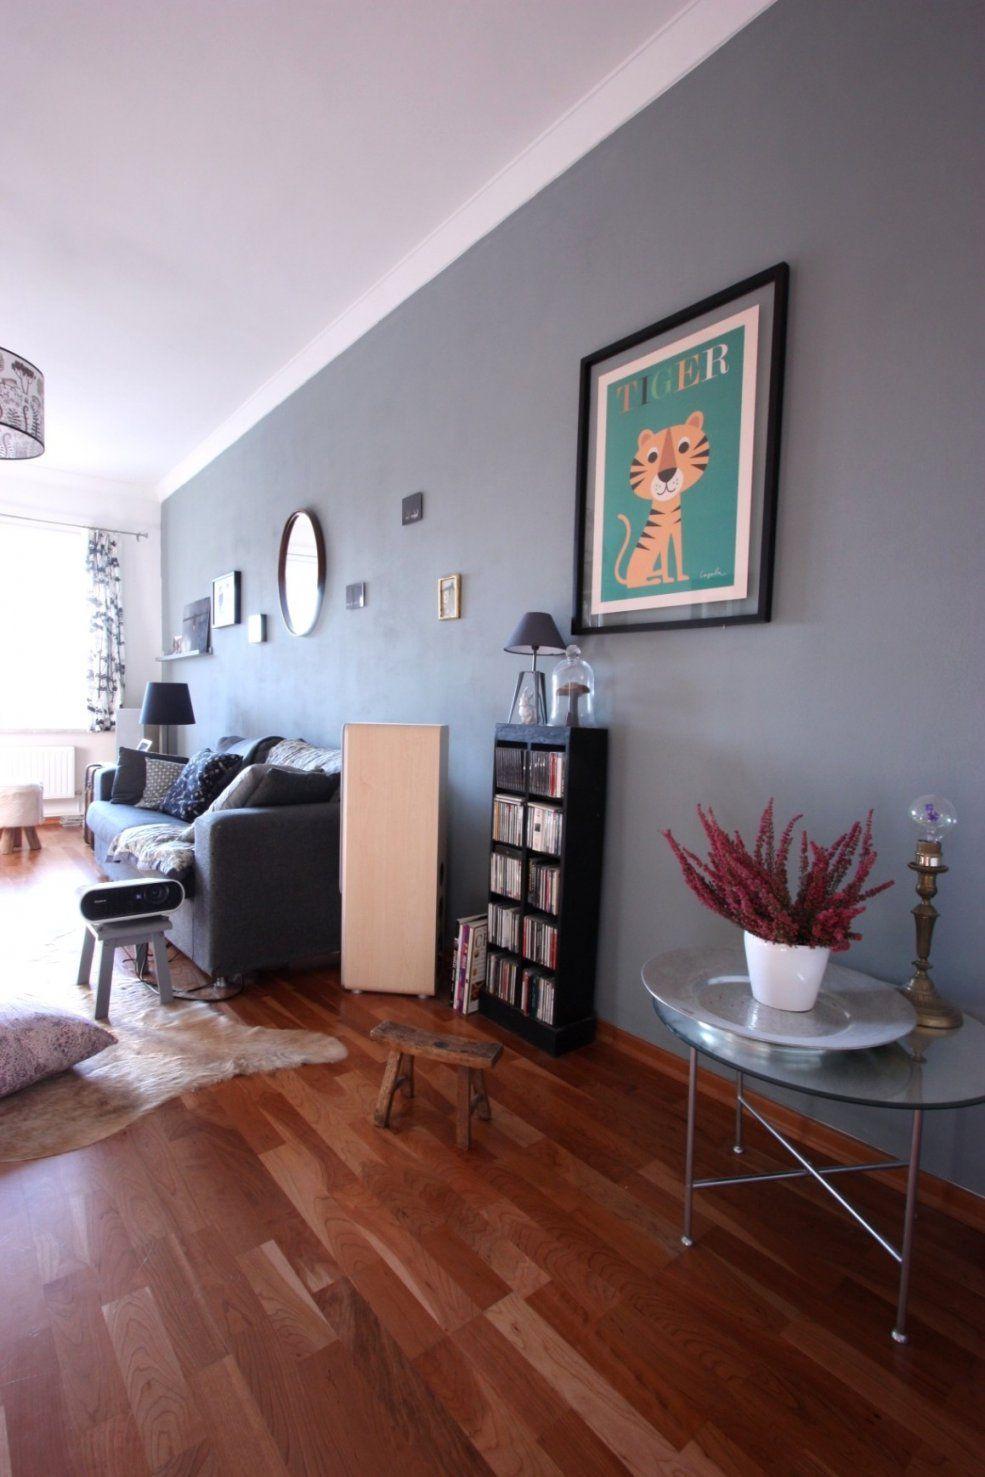 Ideen zum streichen streich ideen und streichen tipps fr mit wandfarbe gelb und bienenwand - Wohnzimmer streichen ideen bilder ...